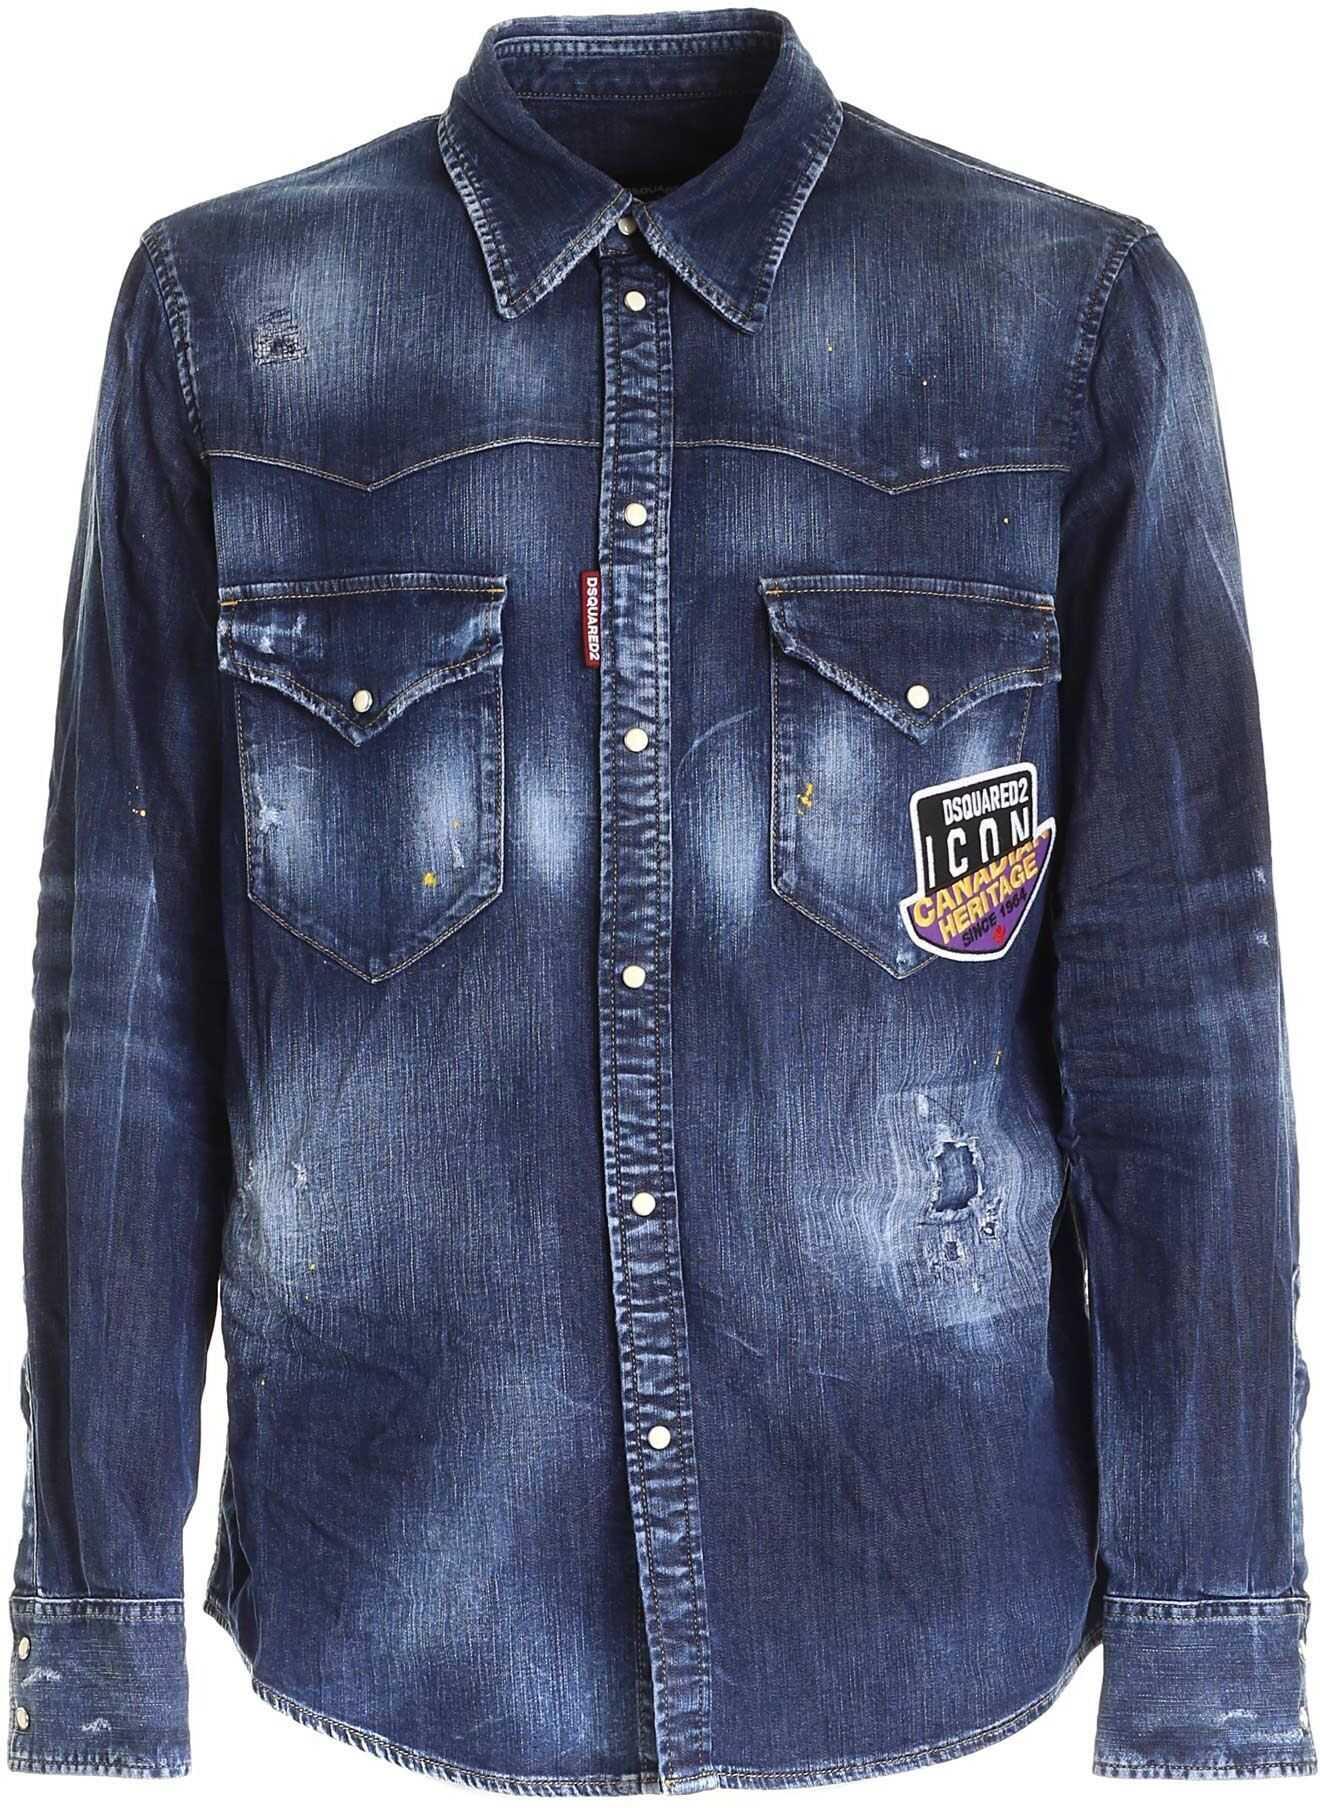 DSQUARED2 Denim Shirt In Blue Blue imagine